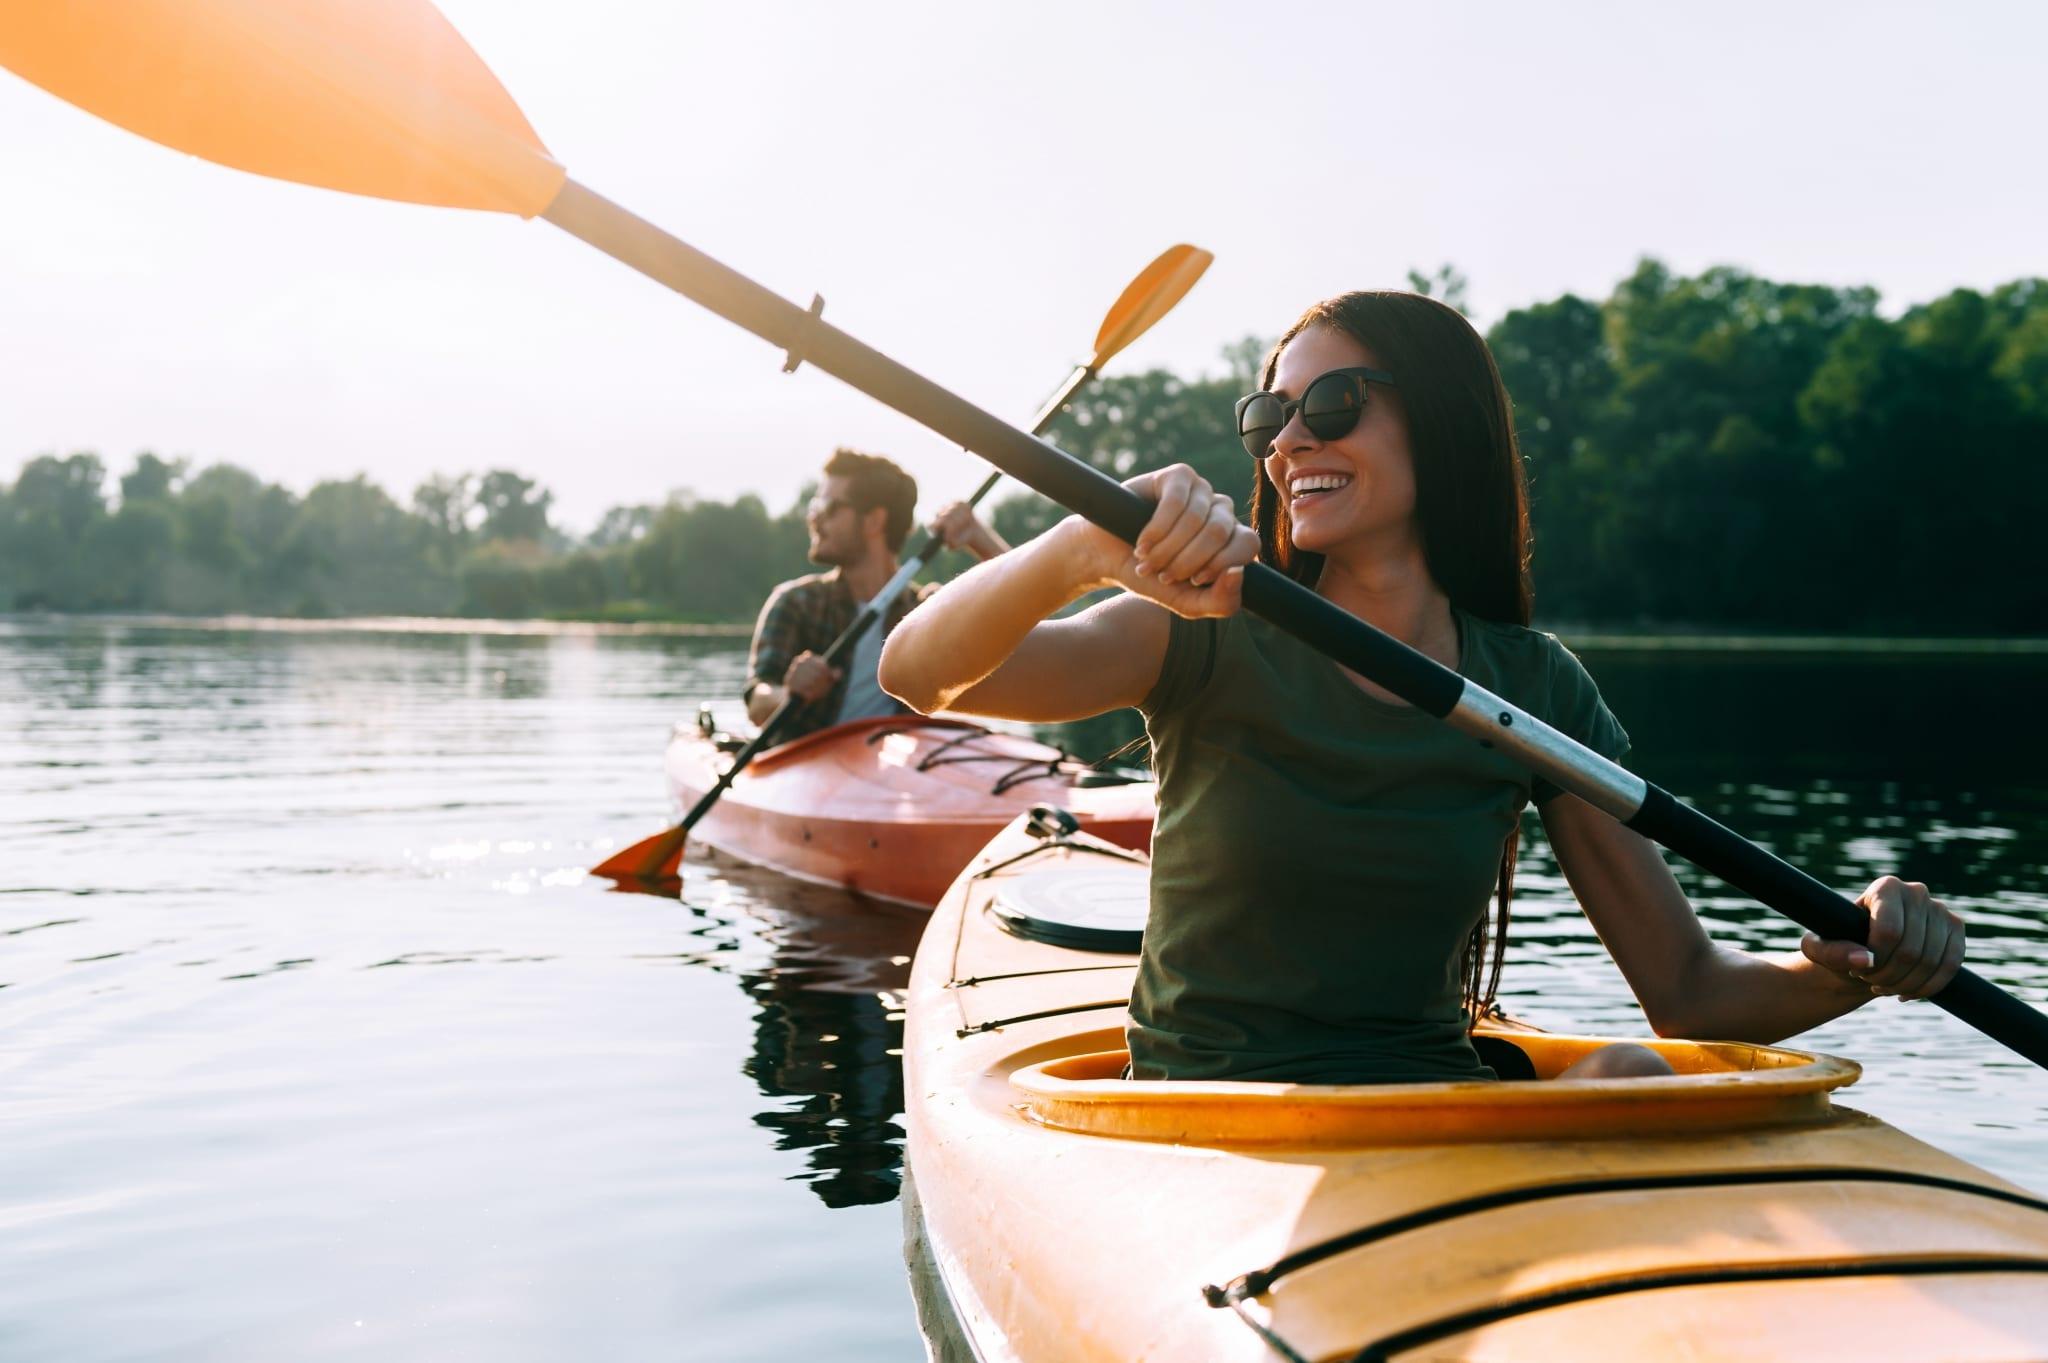 Paar beim Kayakfahren auf dem See